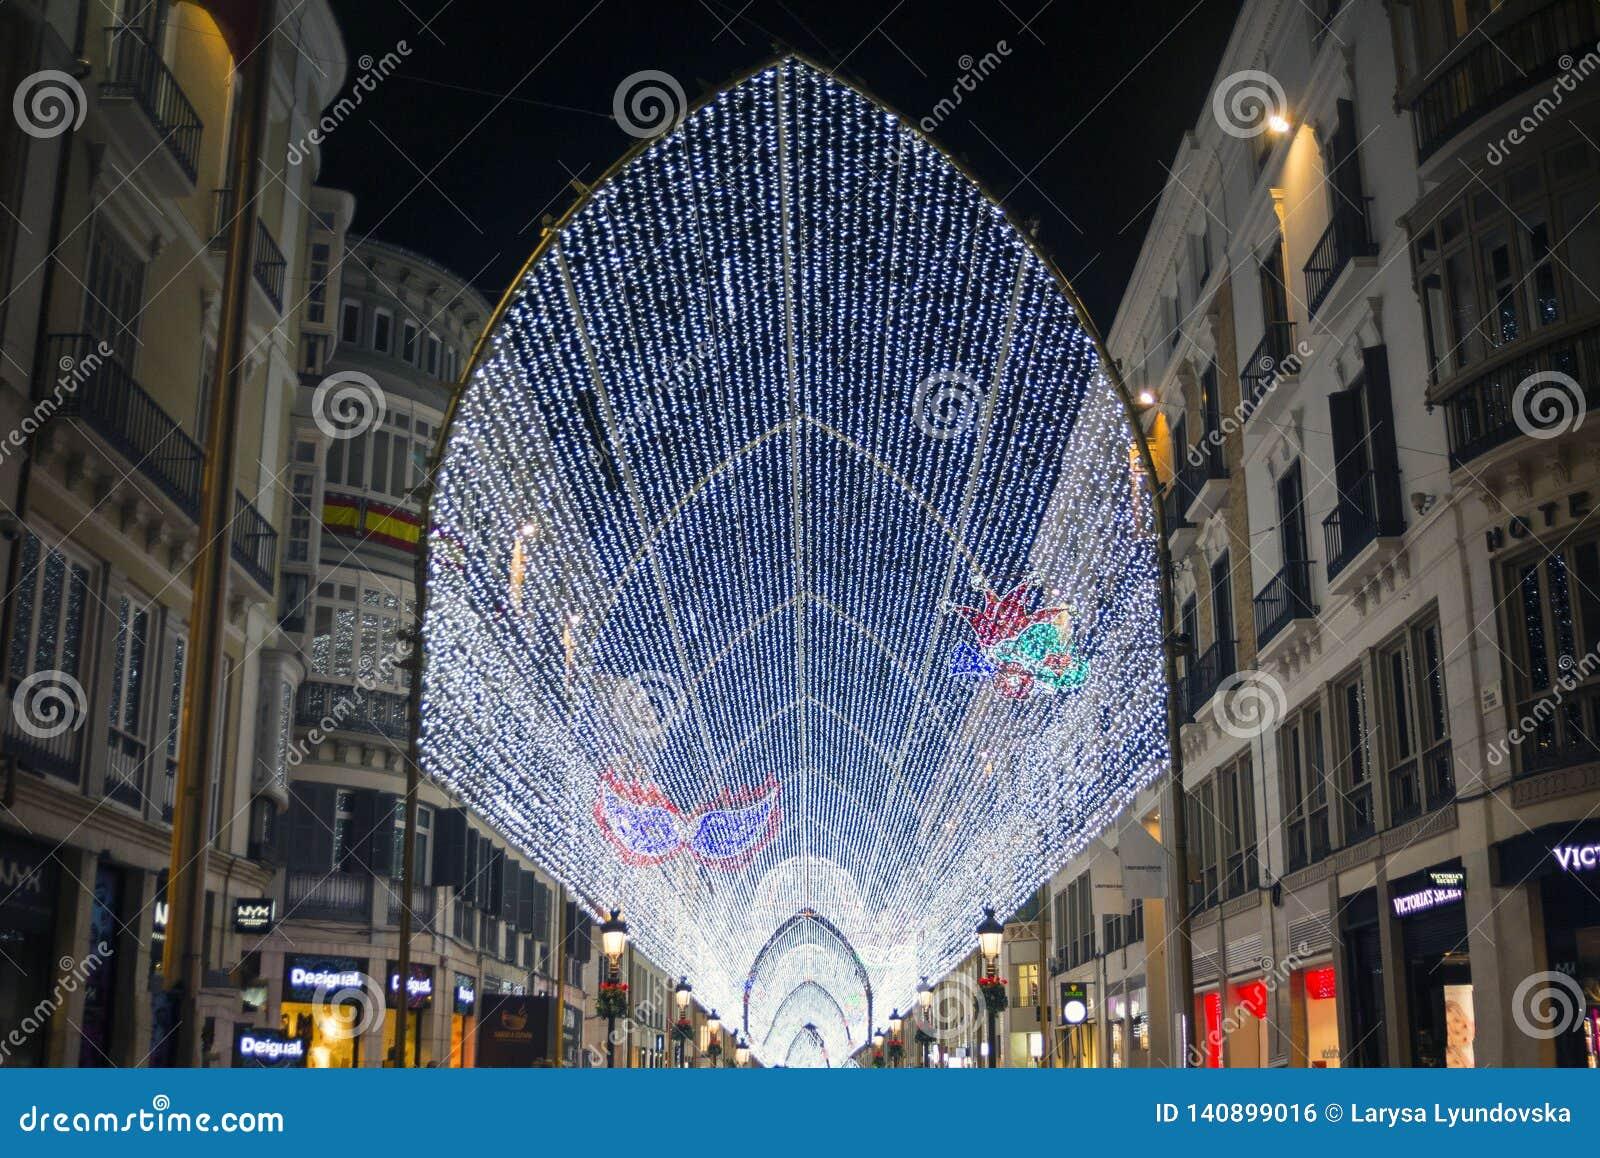 La rue principale célèbre de Malaga - Marquis de Larios la nuit Éclairage lumineux, guirlandes et lumières sur une rue piétonnièr